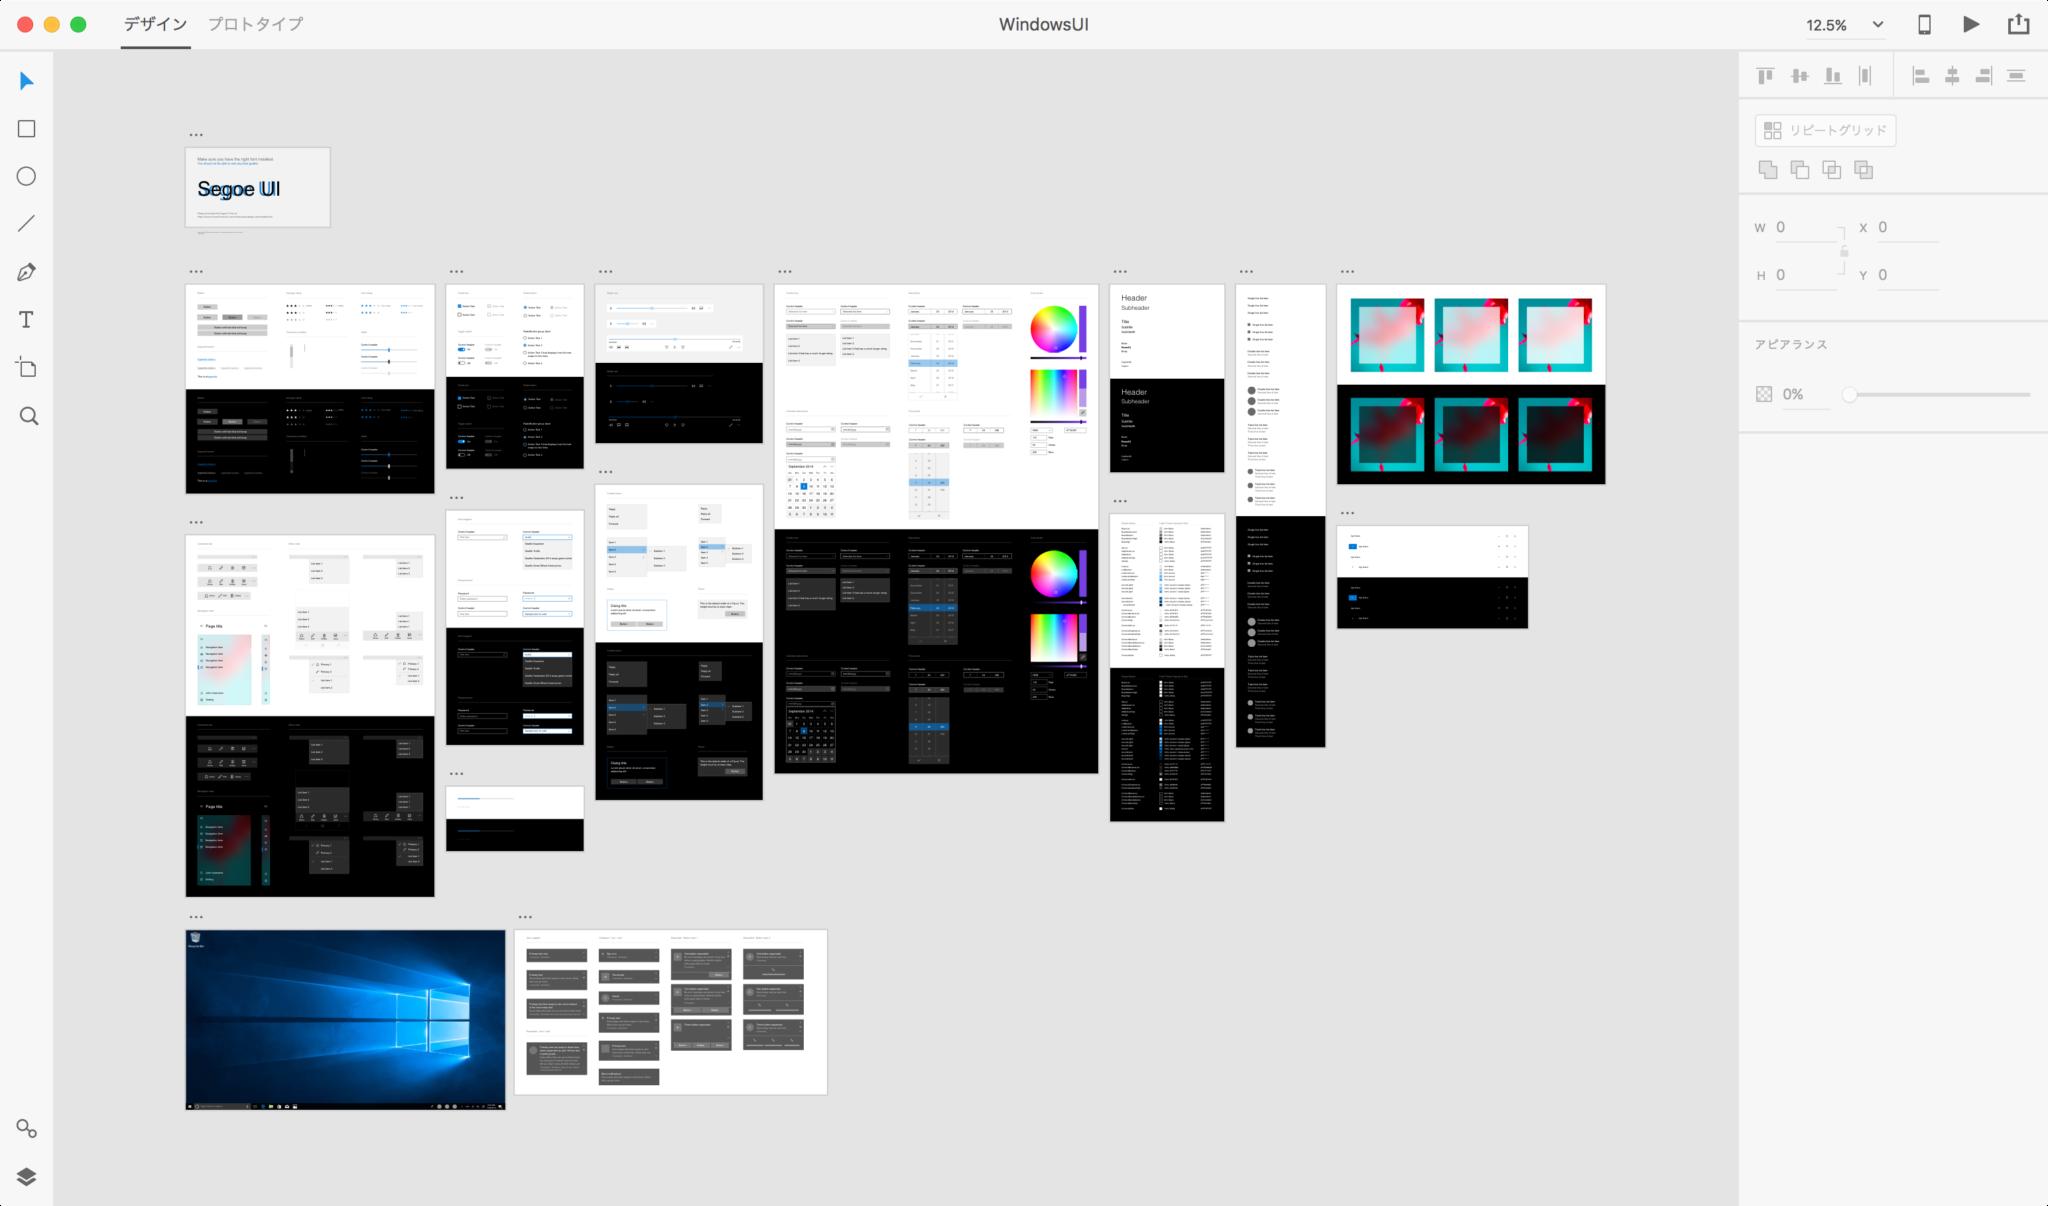 Windows UI Design Resources3